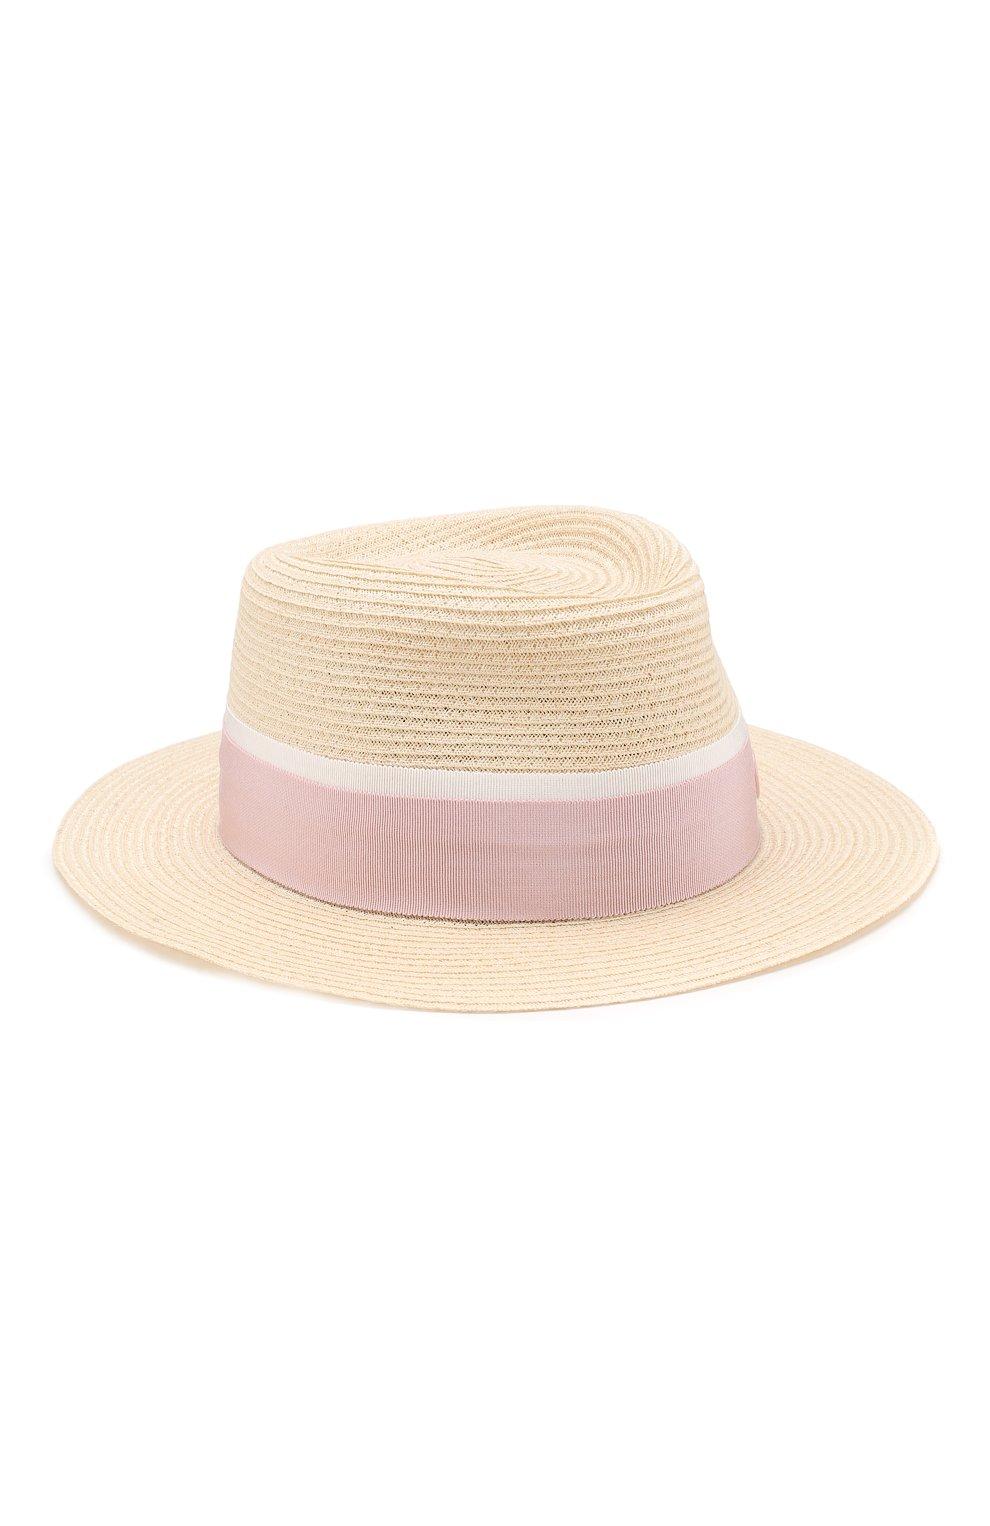 Женская шляпа andre с лентой MAISON MICHEL бежевого цвета, арт. 1003038003/ANDRE | Фото 1